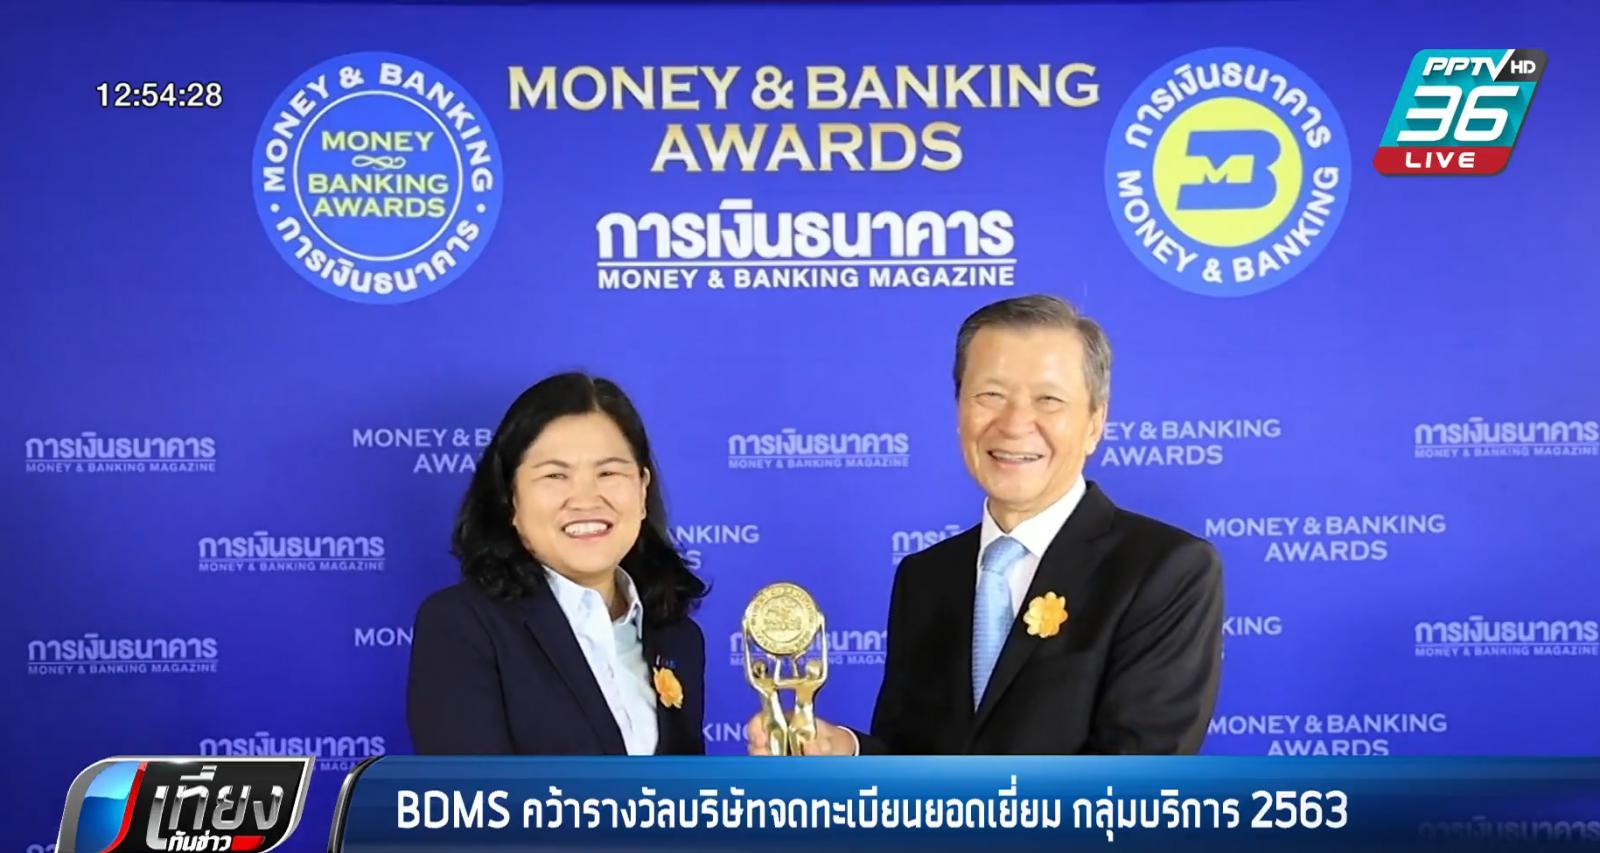 BDMS คว้ารางวัลบริษัทจดทะเบียนยอดเยี่ยม กลุ่มบริการ 2563